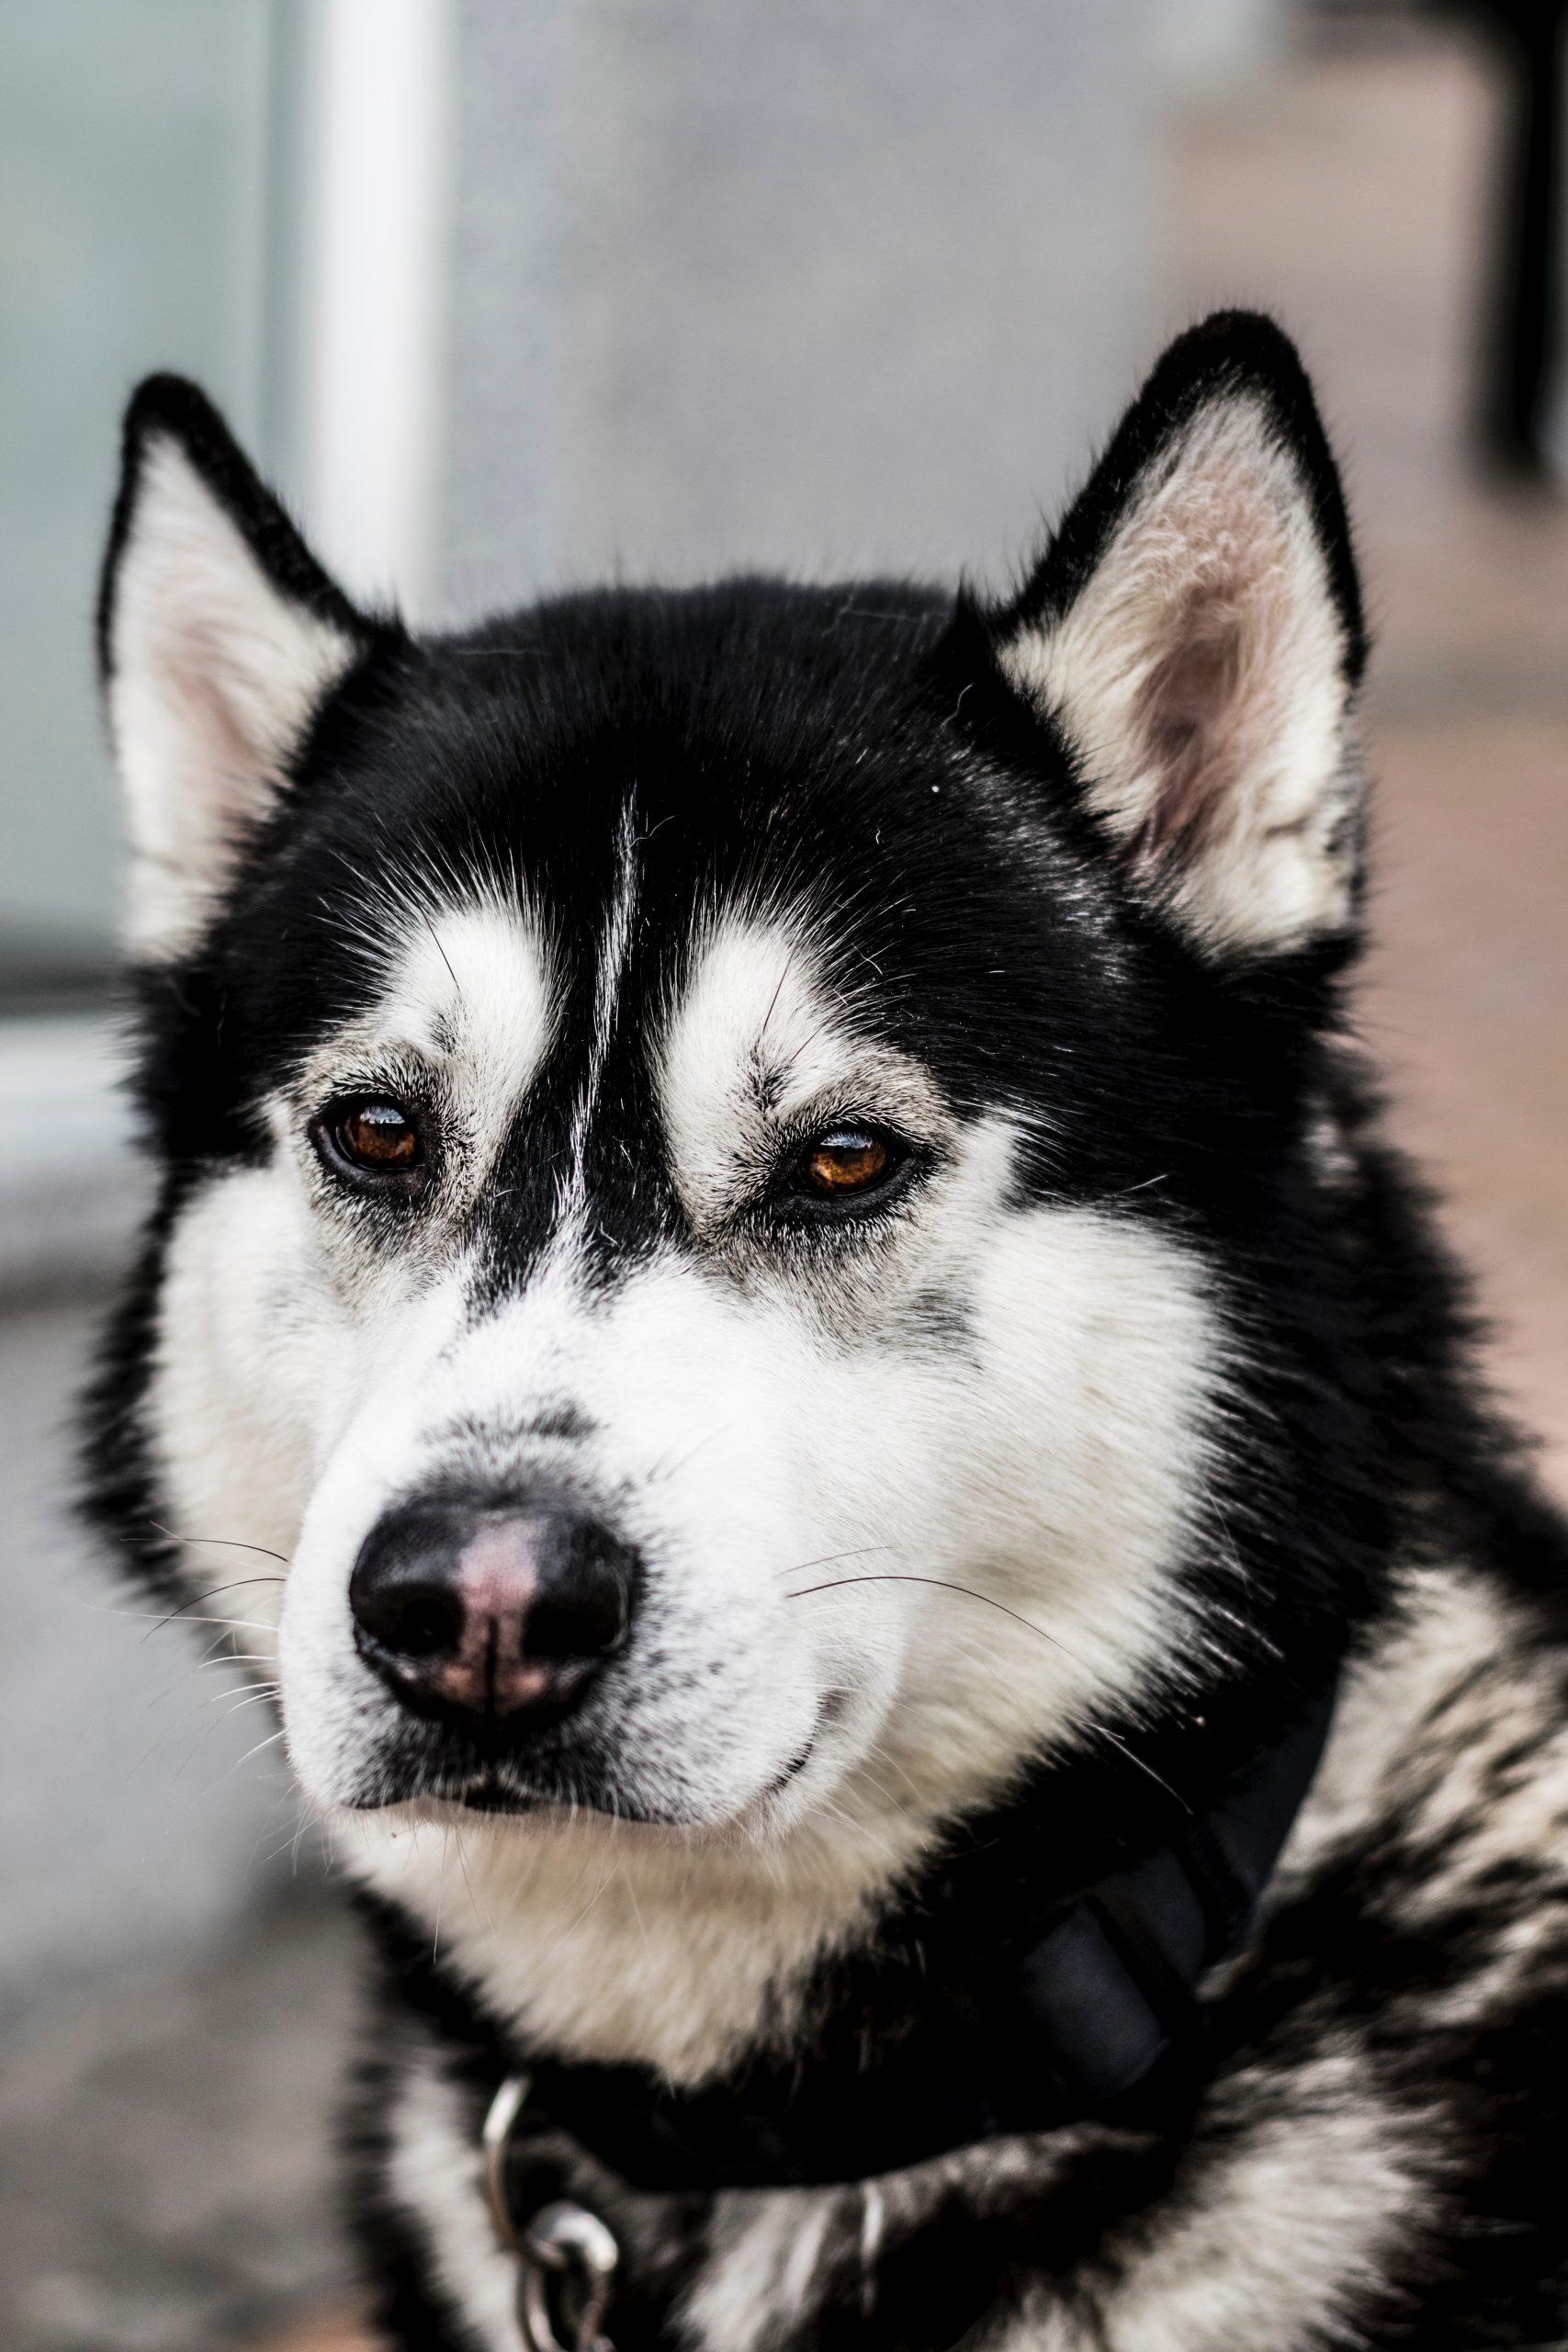 wallpaper Black and white Siberian husky dog